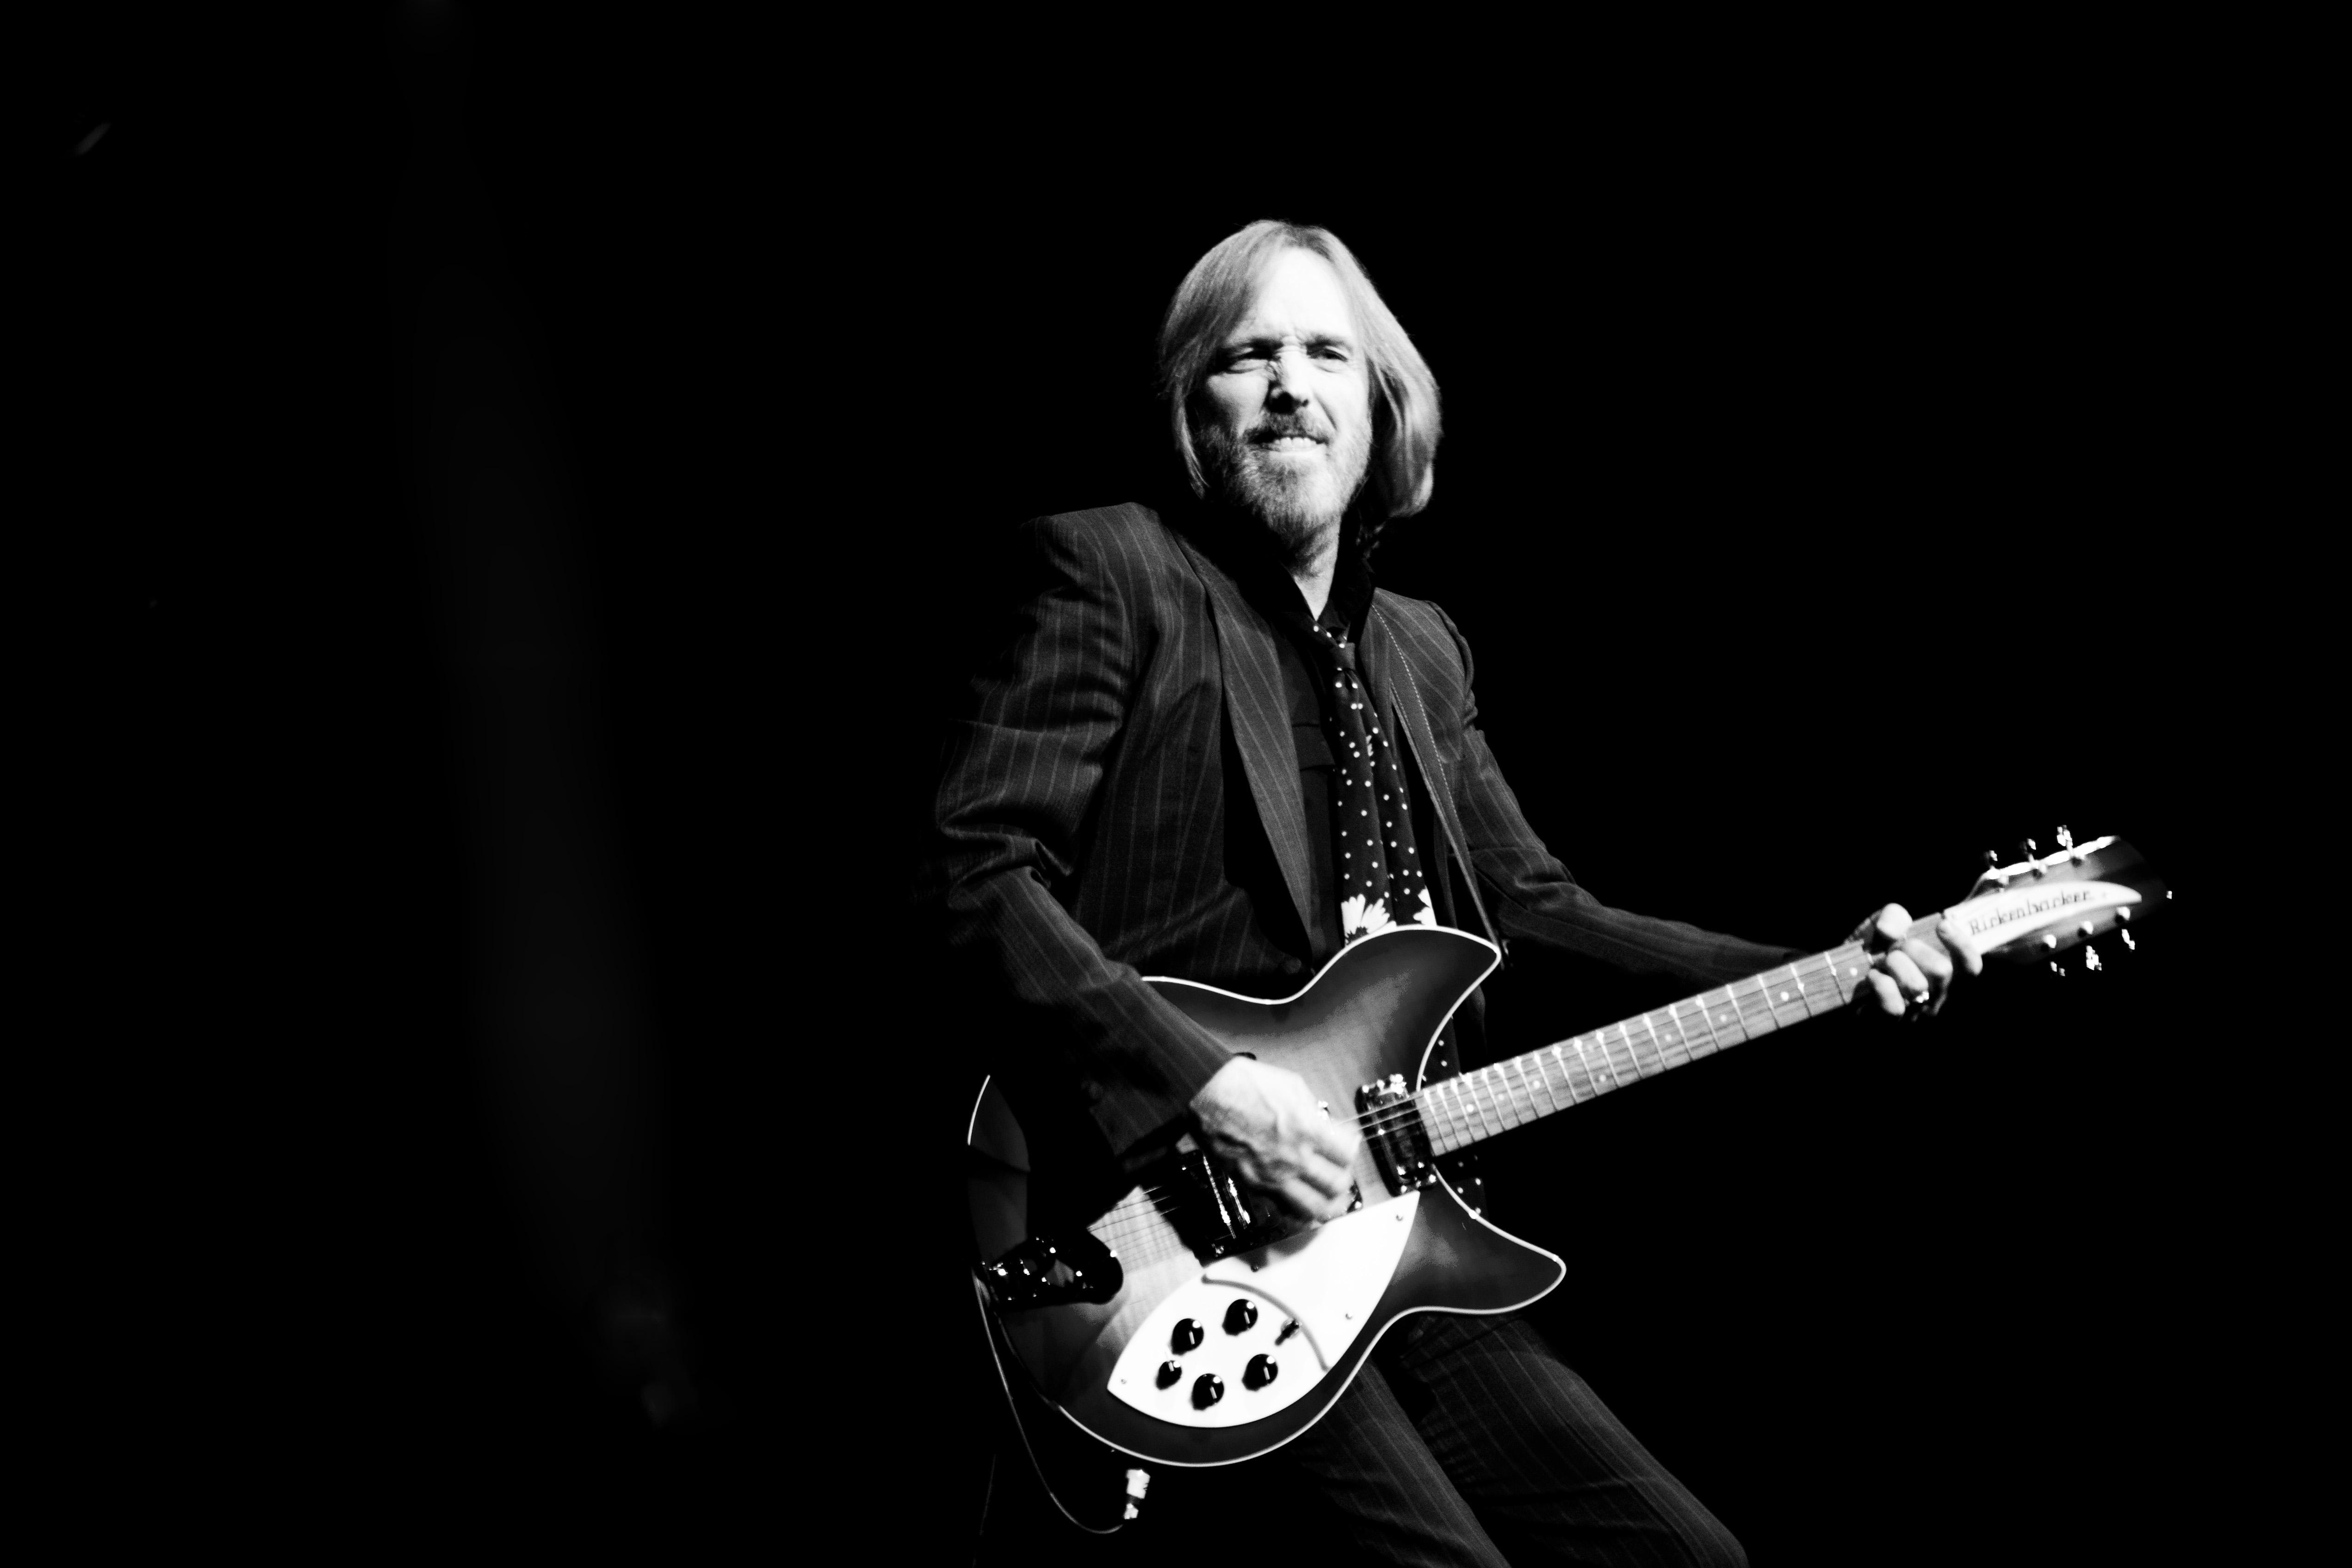 120614 Globen, Tom Petty & The Heartbreakers